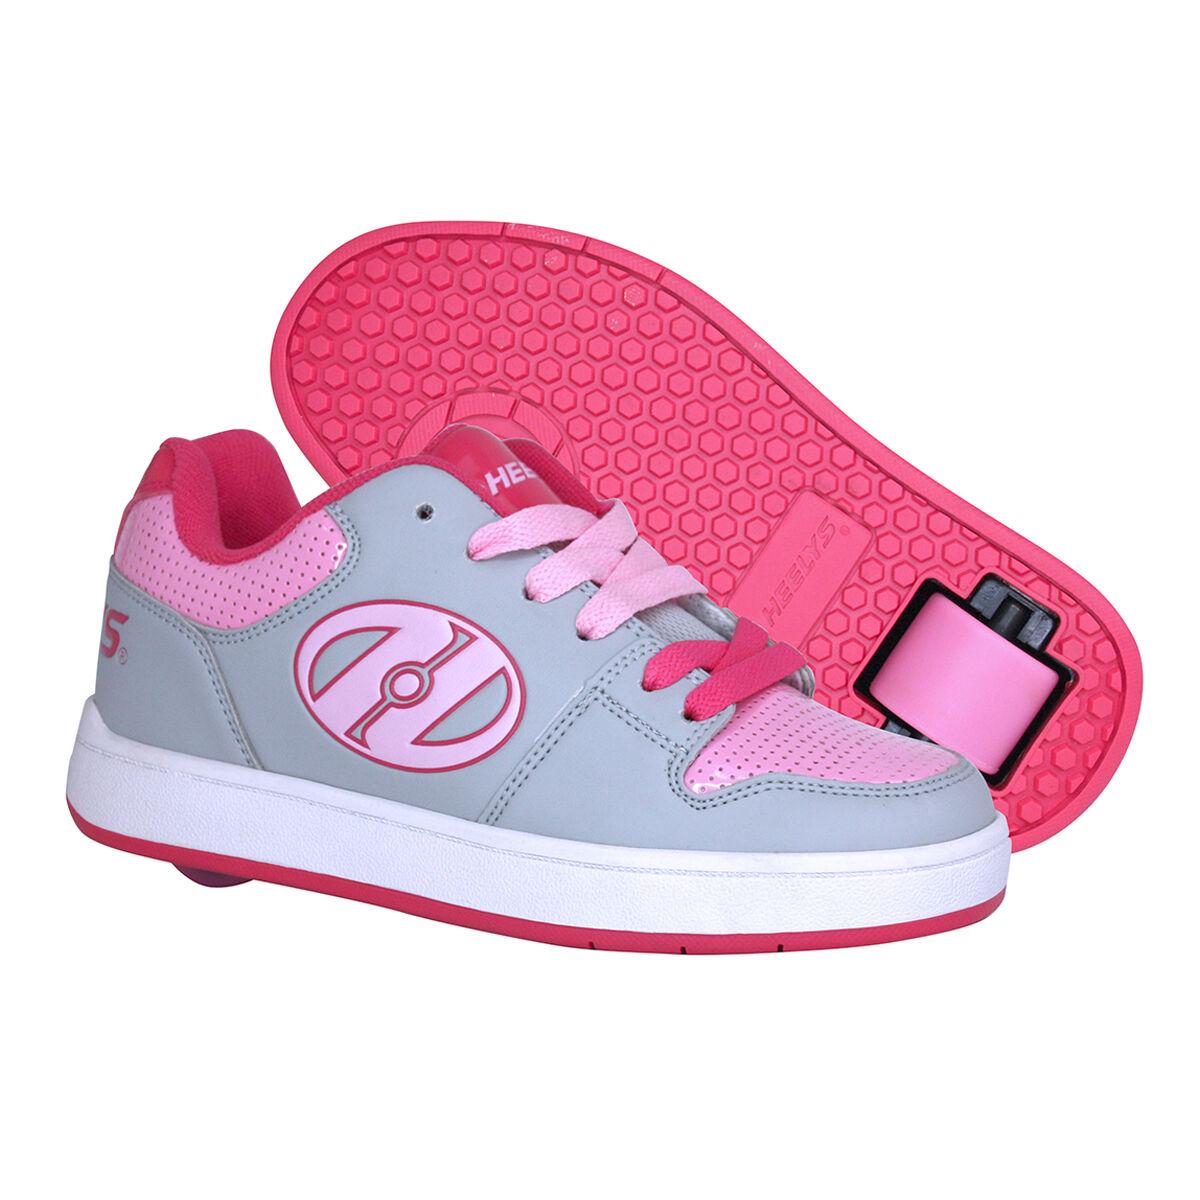 Heelys Cement 1 Shoes | Rebel Sport